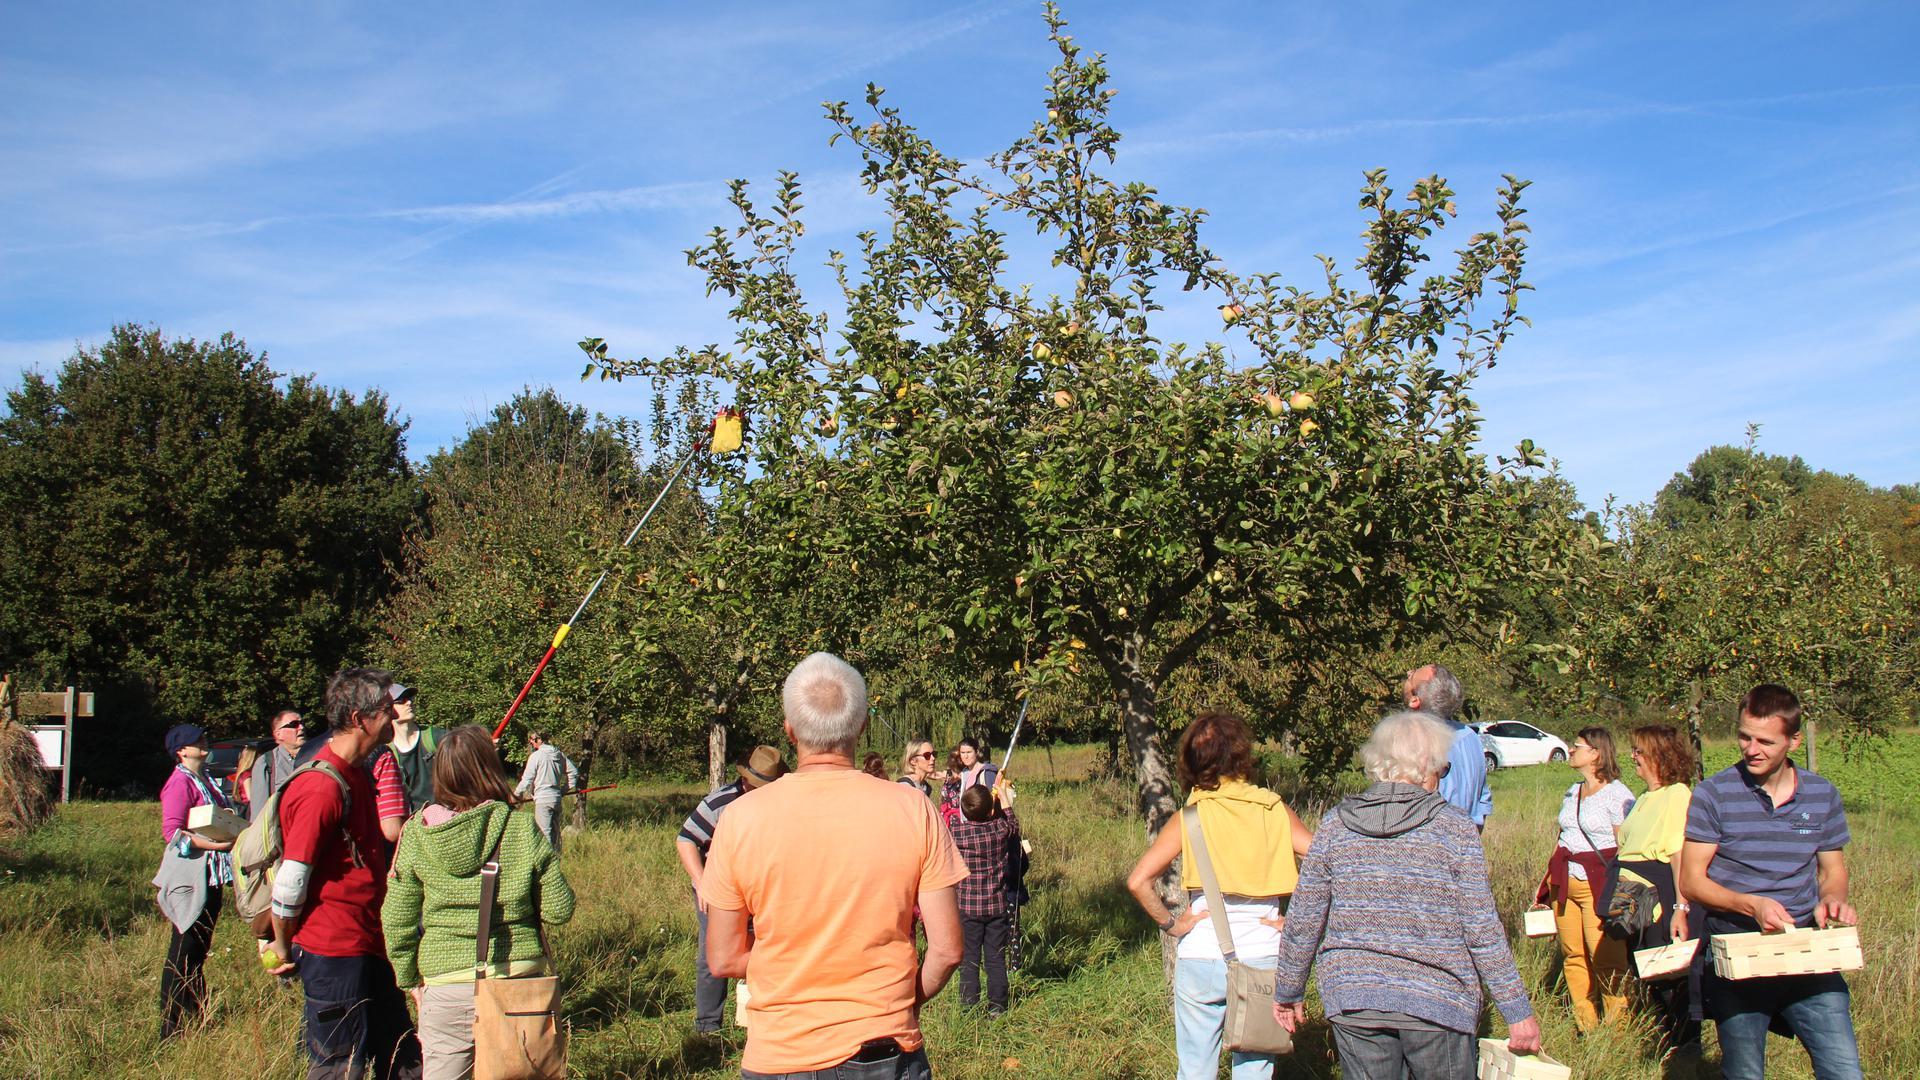 Im Obst-Gen-Garten konnten die Teilnehmer an der Bad Schönborner Apfelwoche selbst Obst ernten